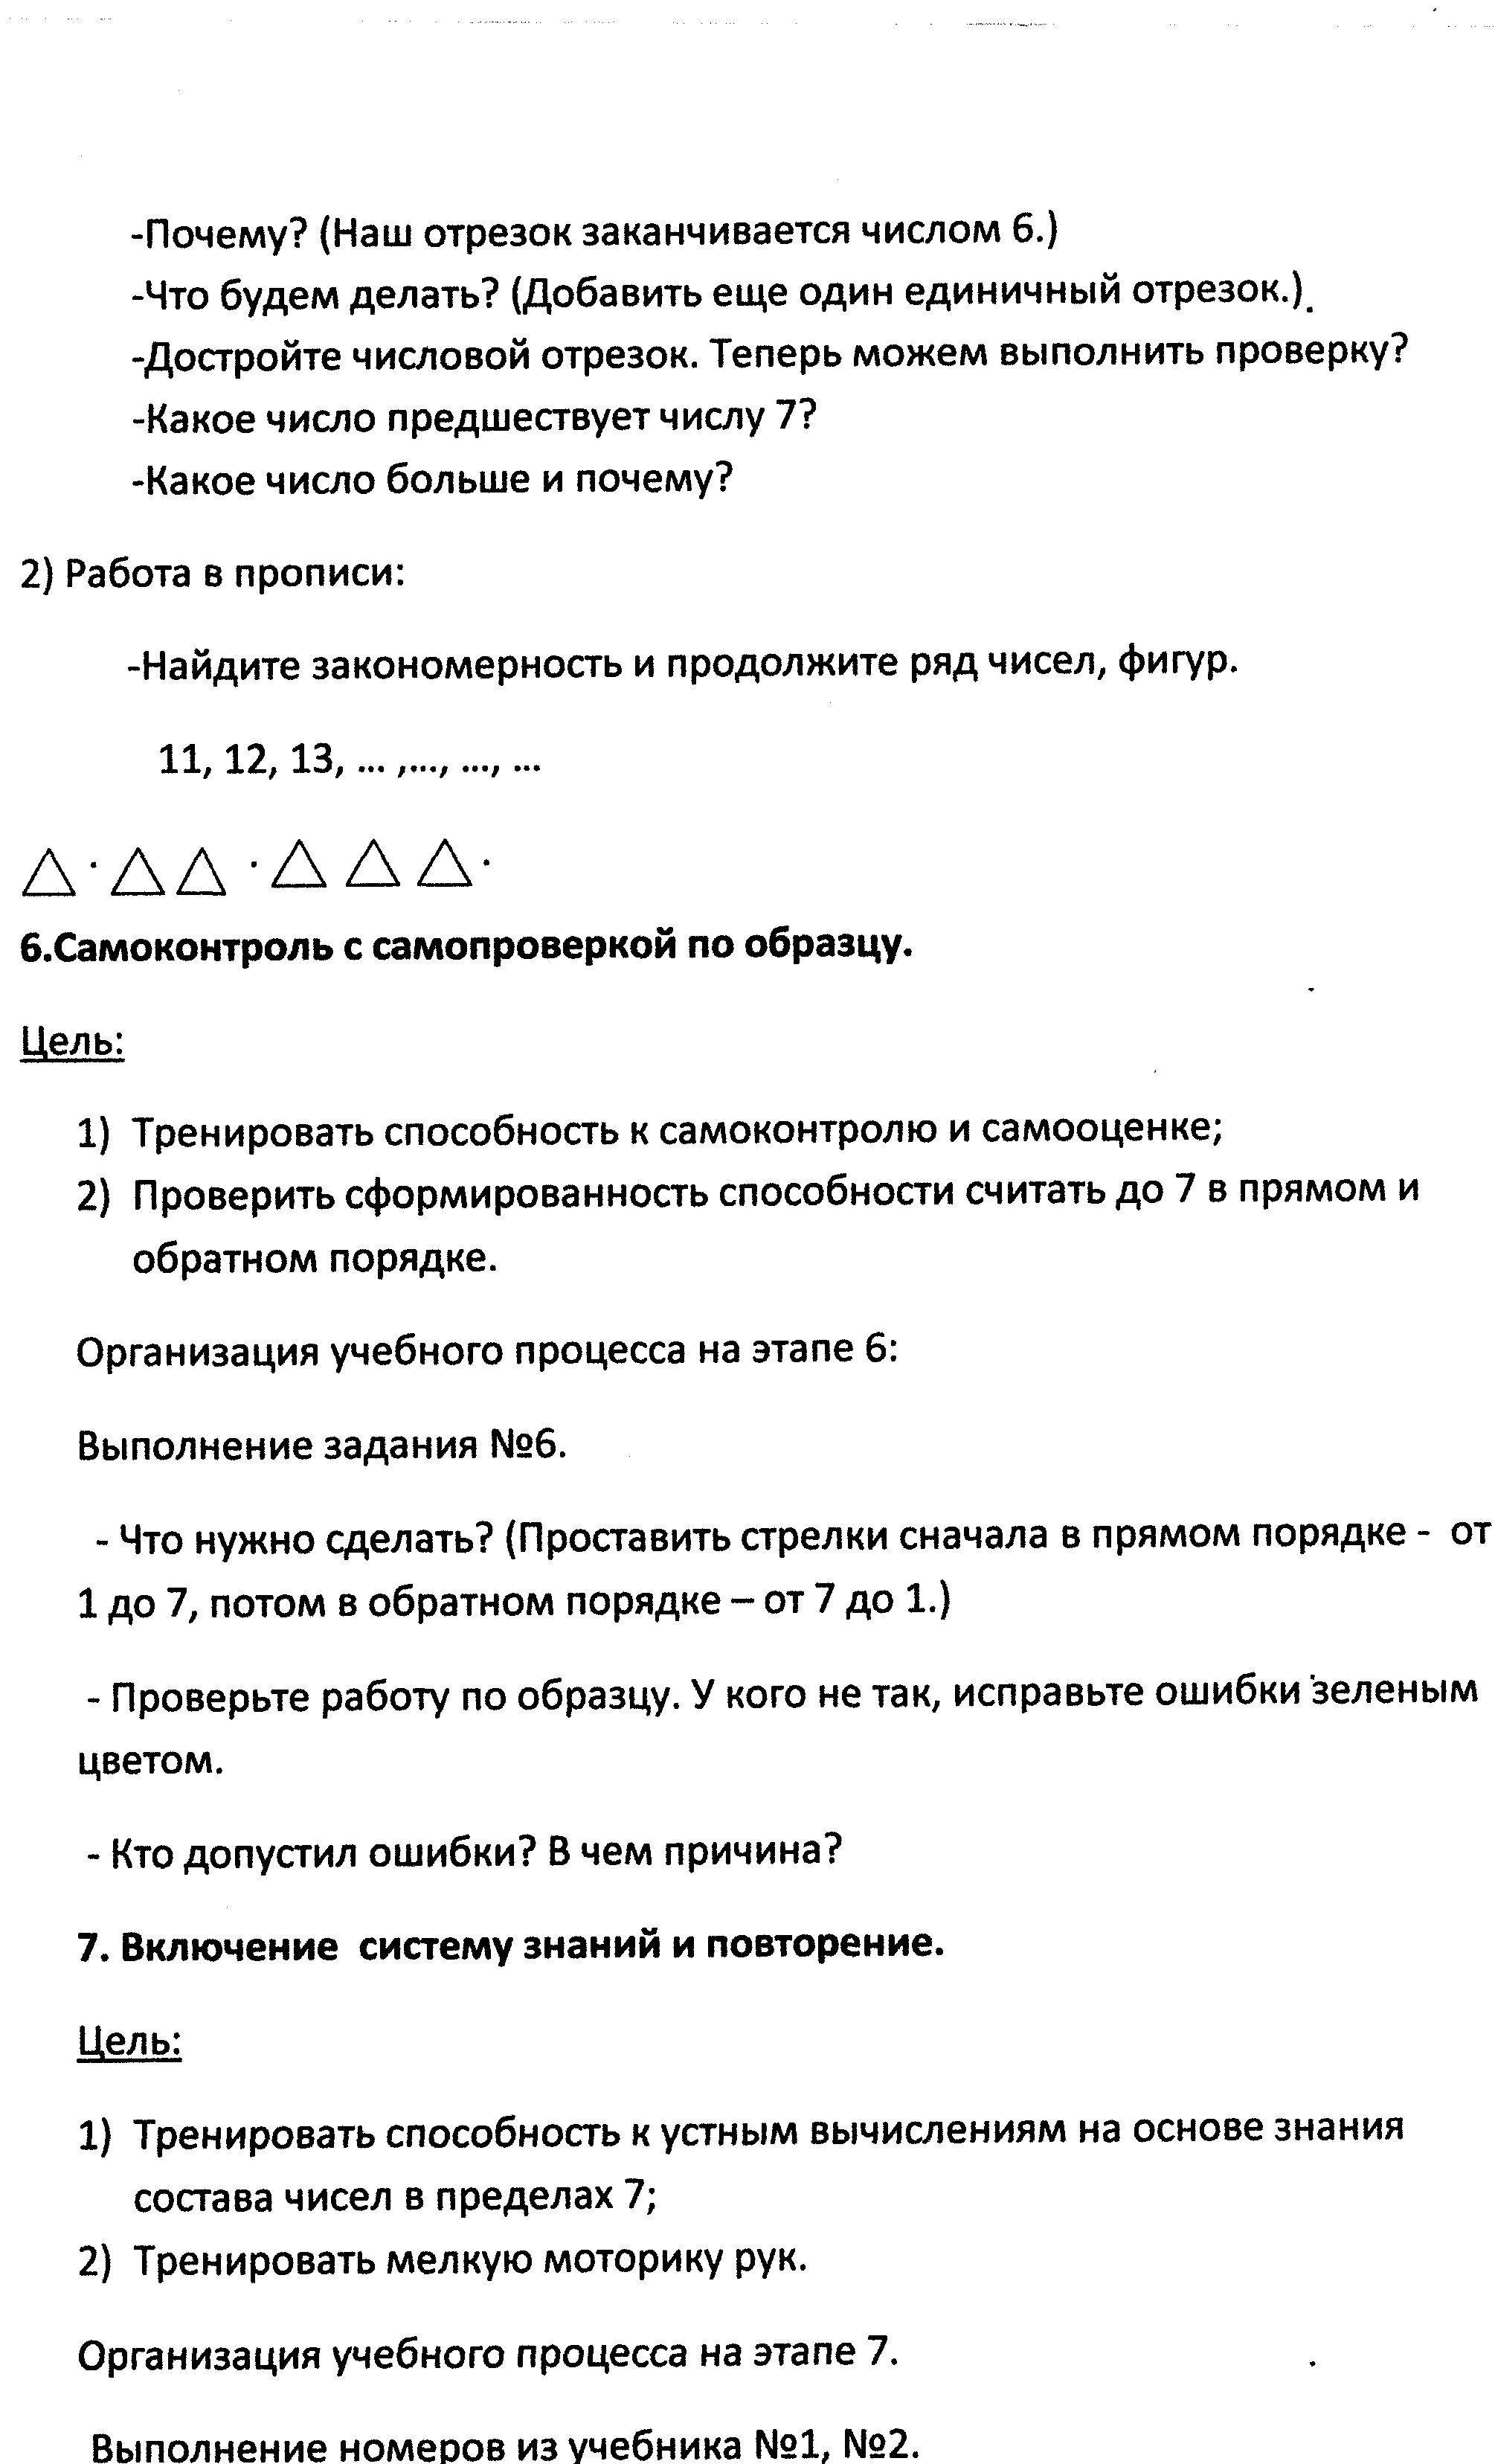 C:\Documents and Settings\Витька\Мои документы\Мои рисунки\img288.jpg